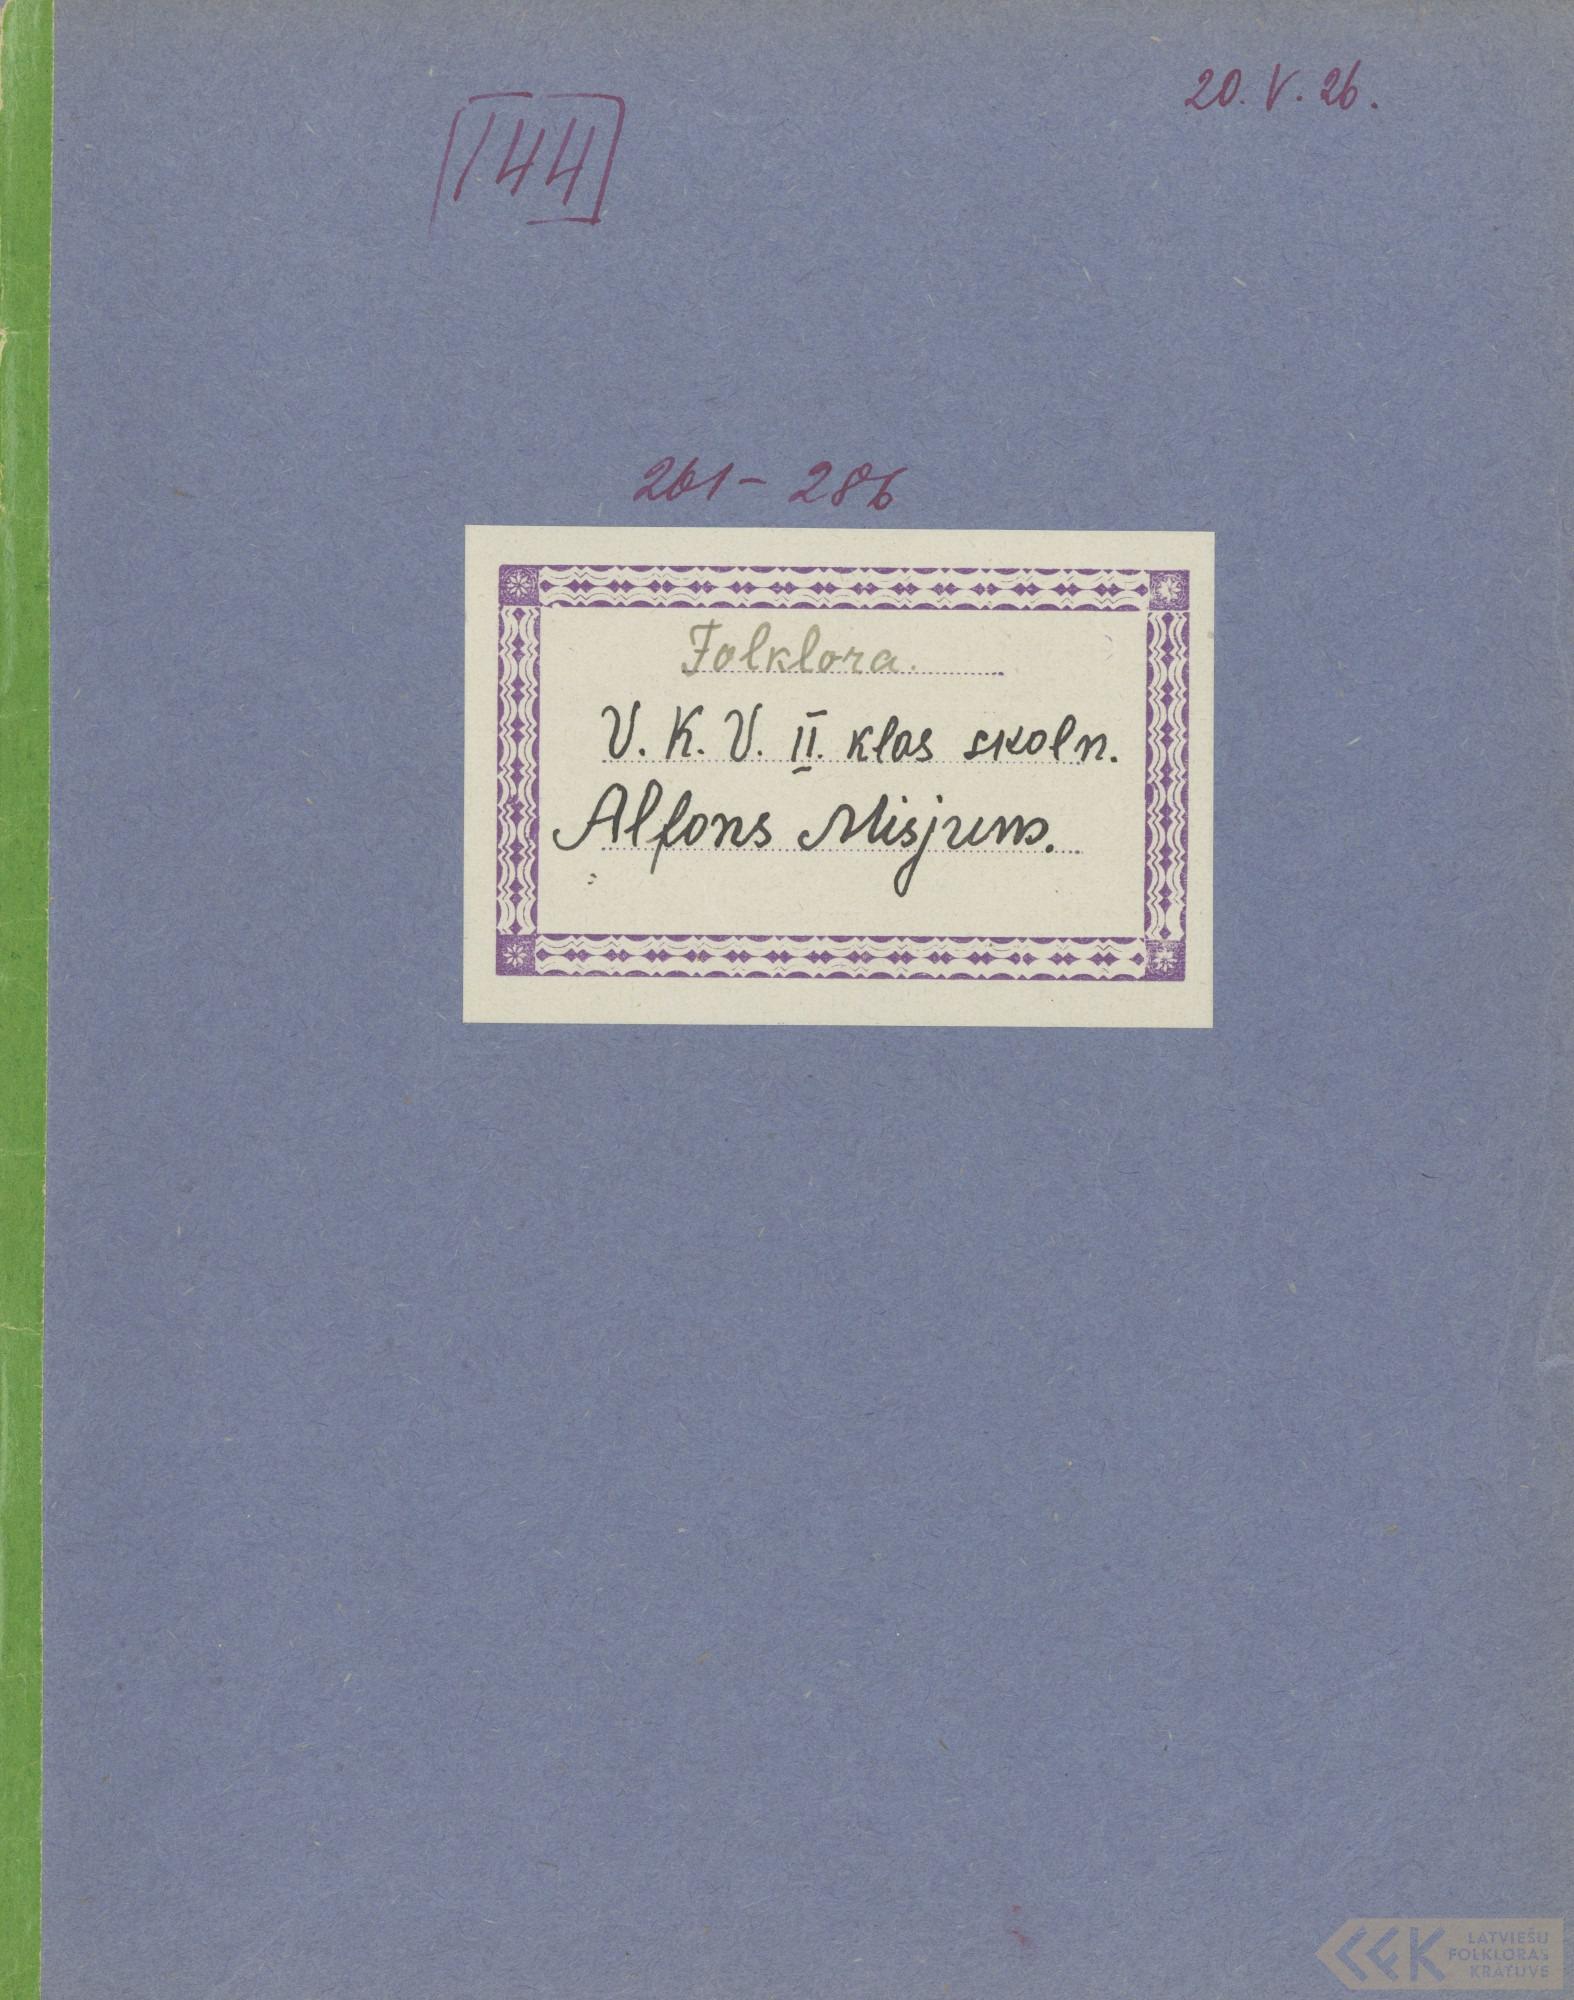 0144-Valsts-Kraslavas-vidusskola-01-0046